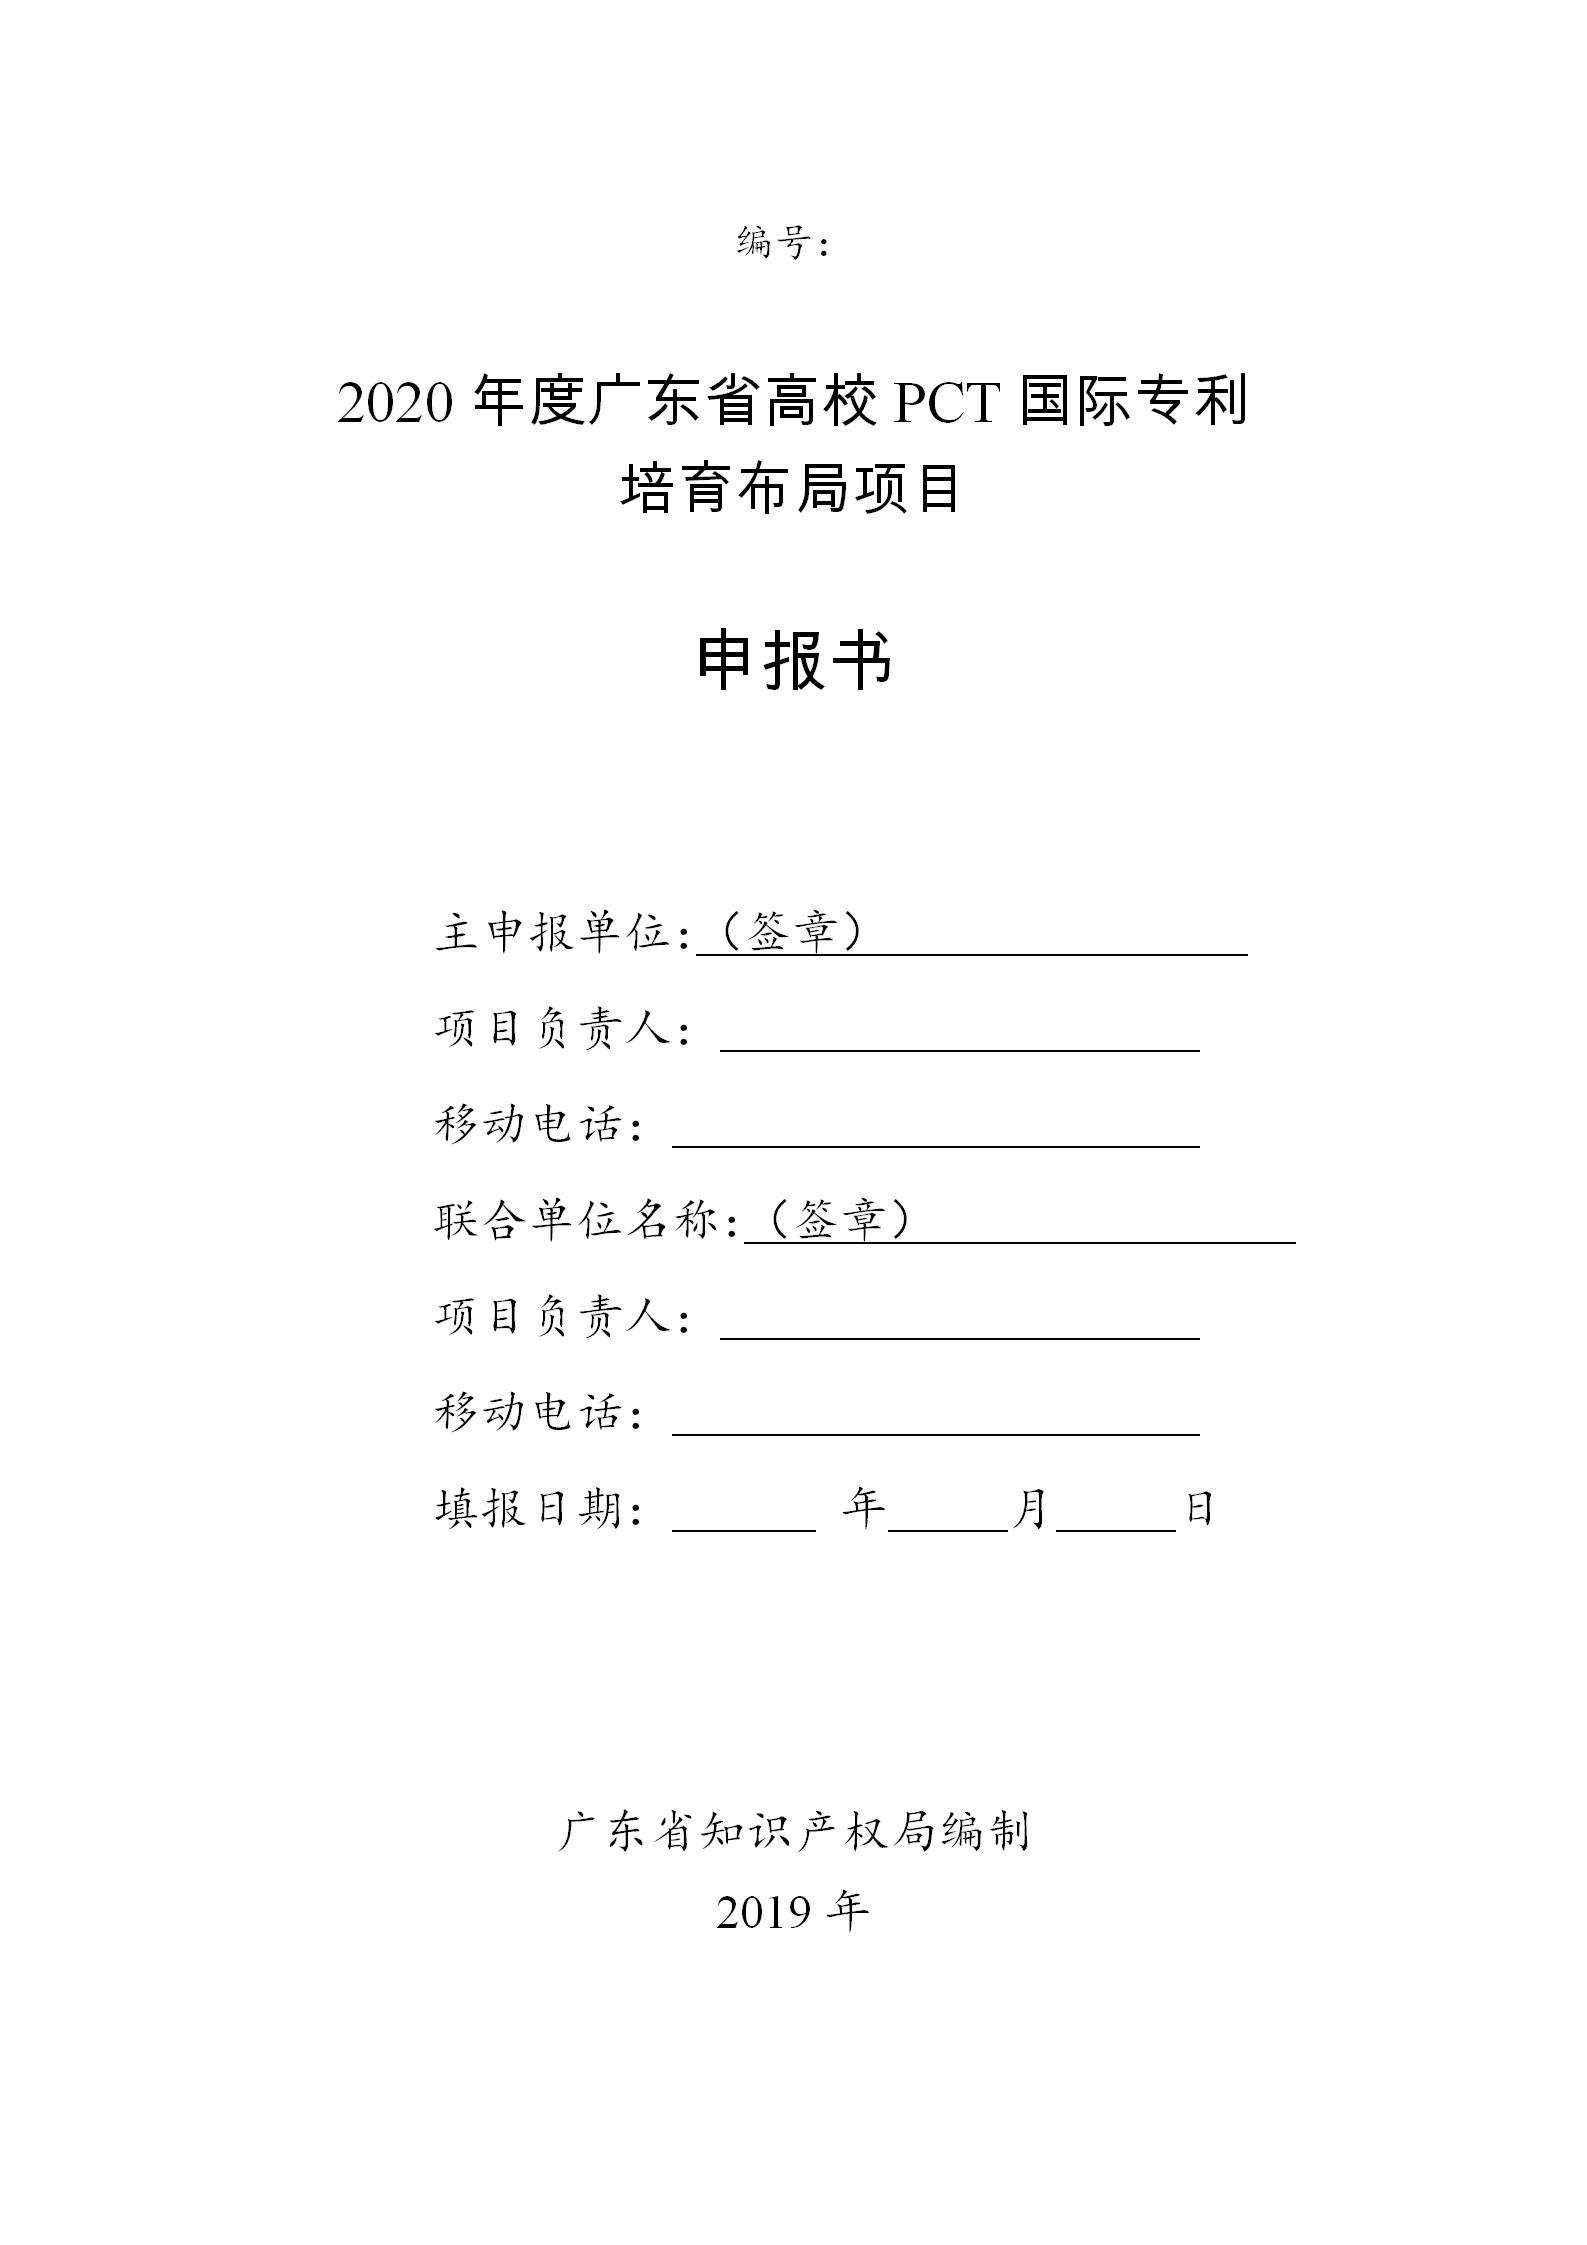 广东发布2020年度省知识产权工作专项资金项目库知识产权促进工作项目申报指南